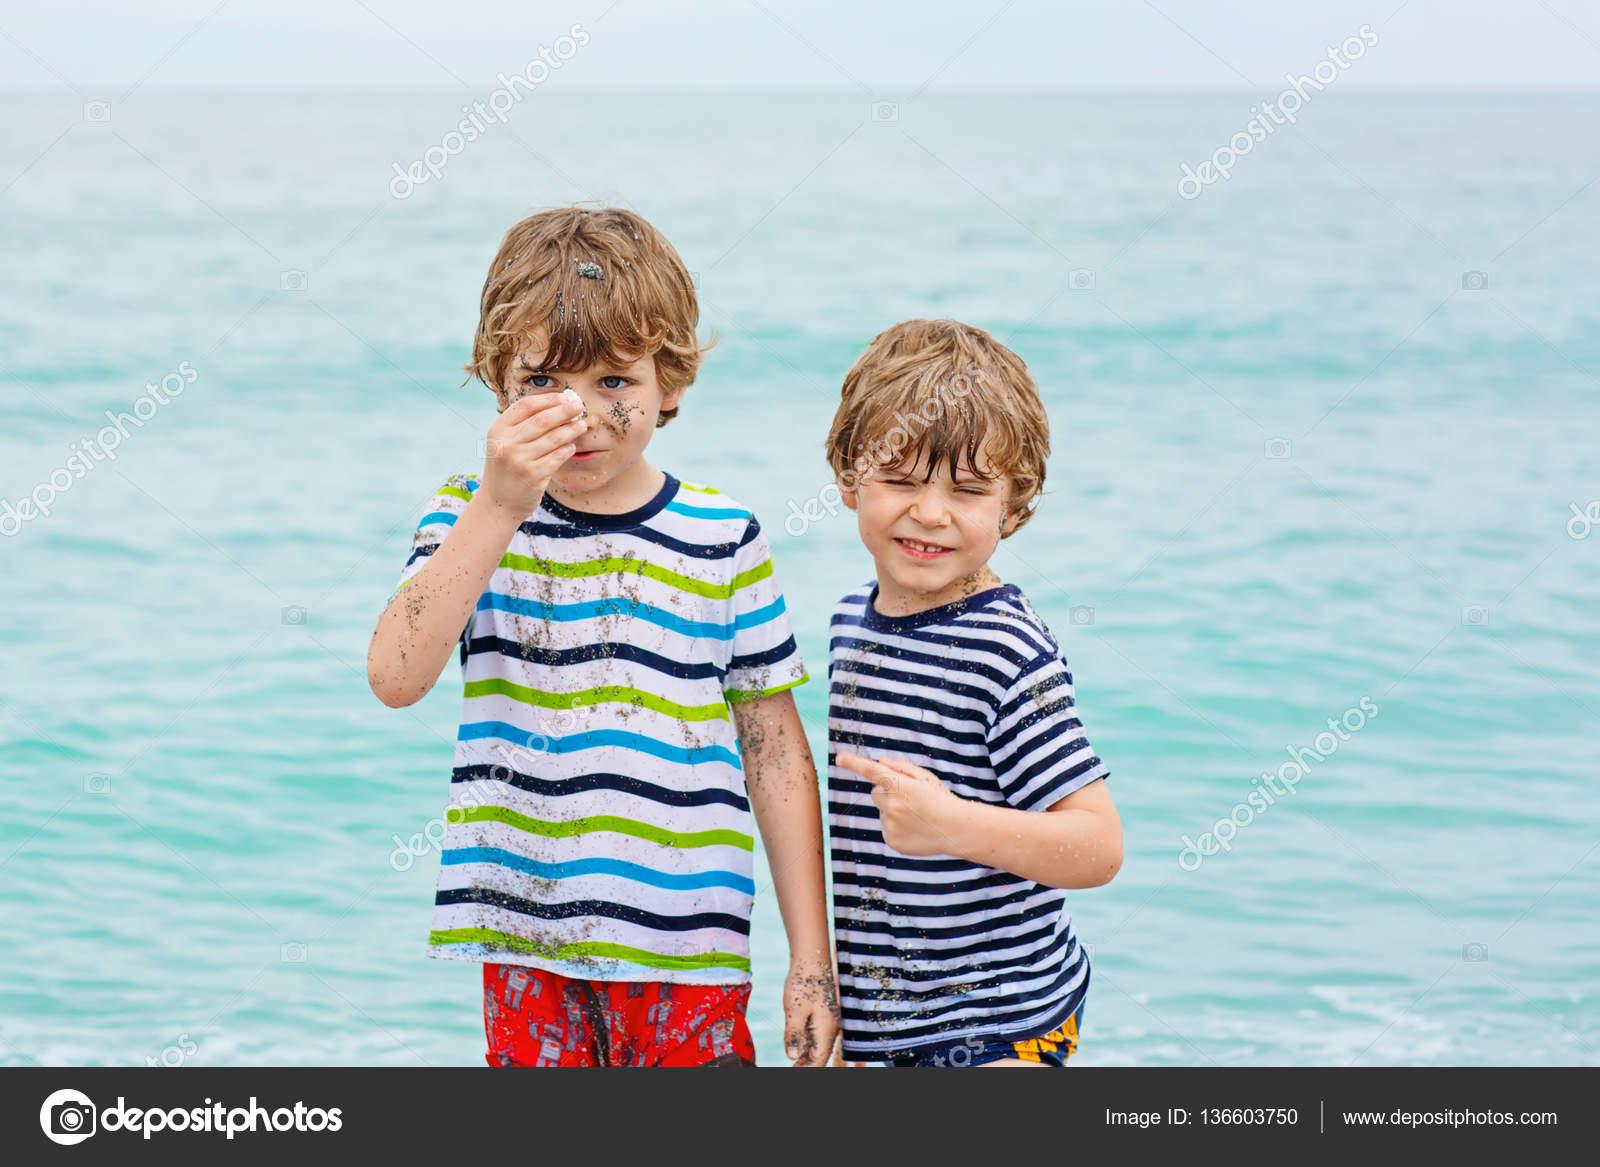 duas crianças brincando com areia na praia do oceano